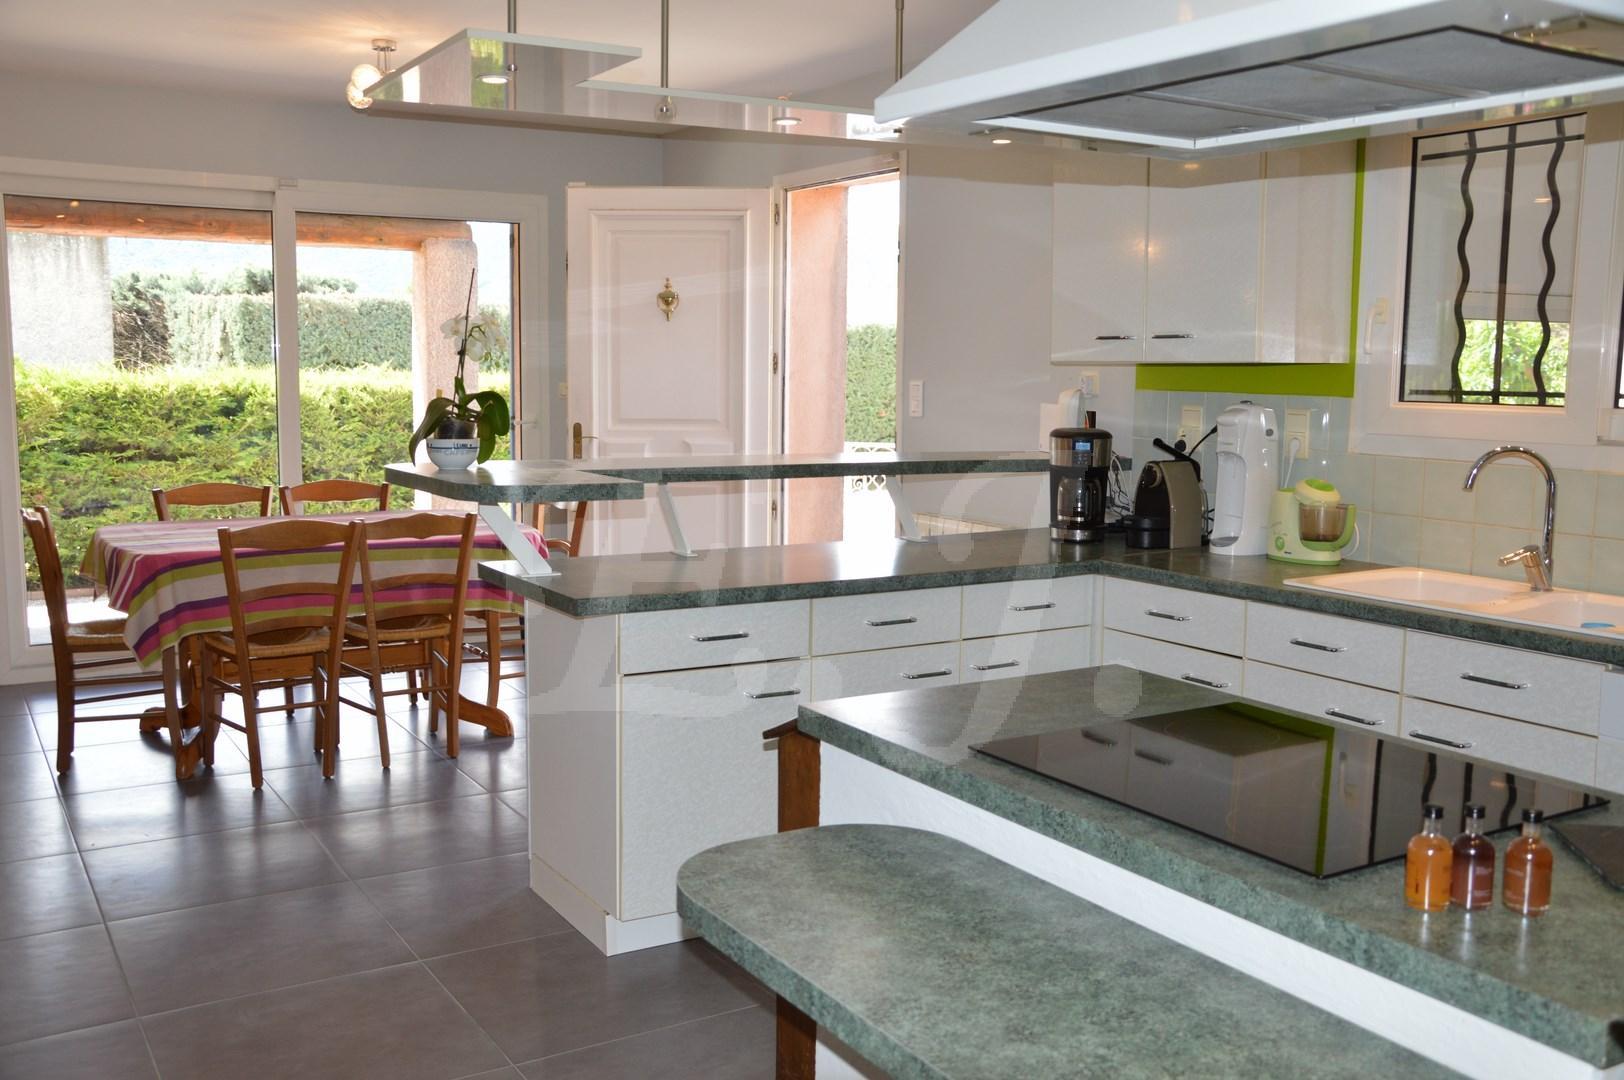 Ventes villa t5 f5 maubec avec 4 chambres piscine face au for Achat maison luberon